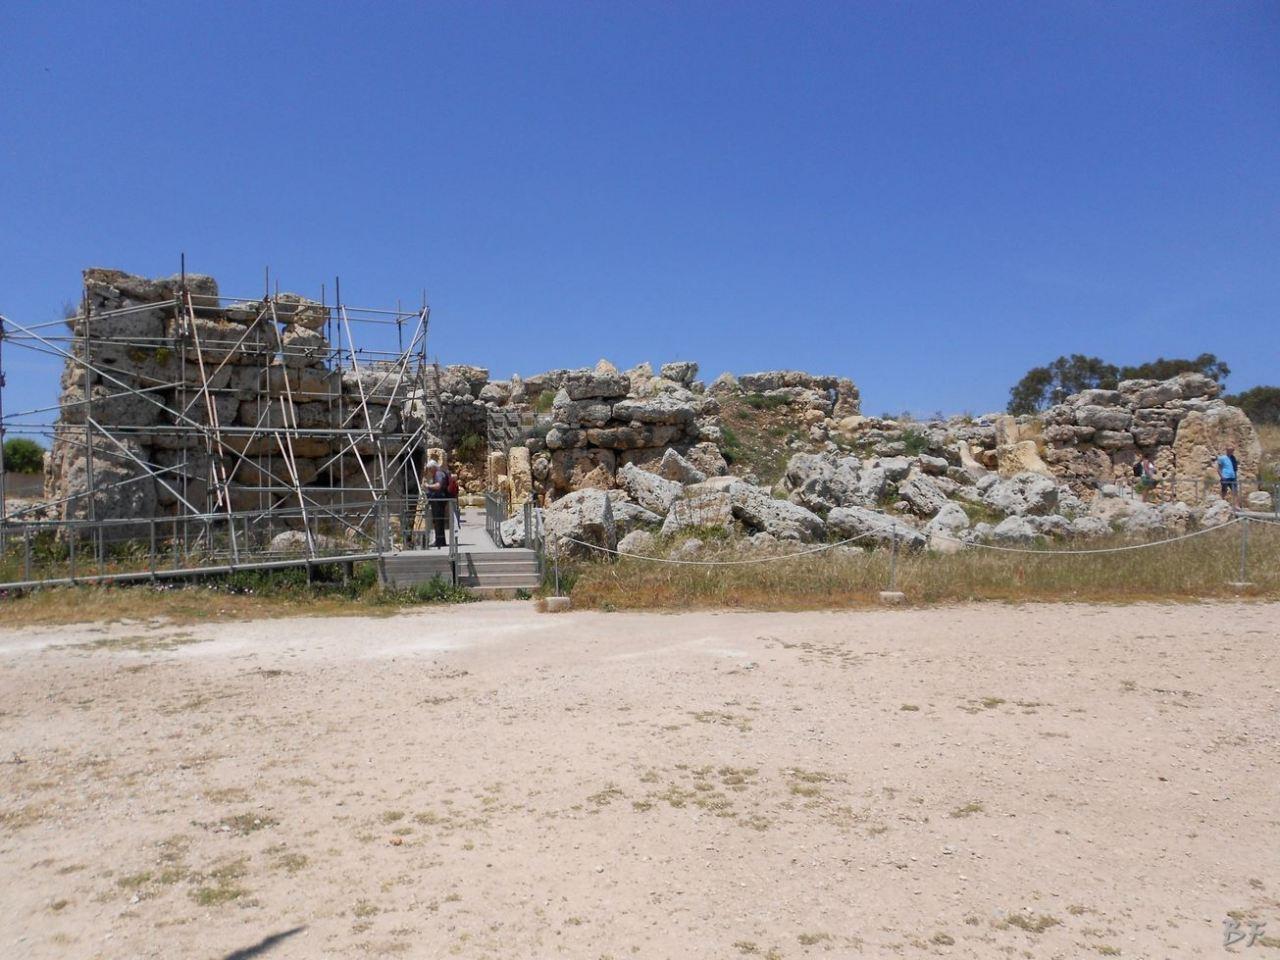 Ggantija-Tempio-Megalitico-Gozo-Malta-13